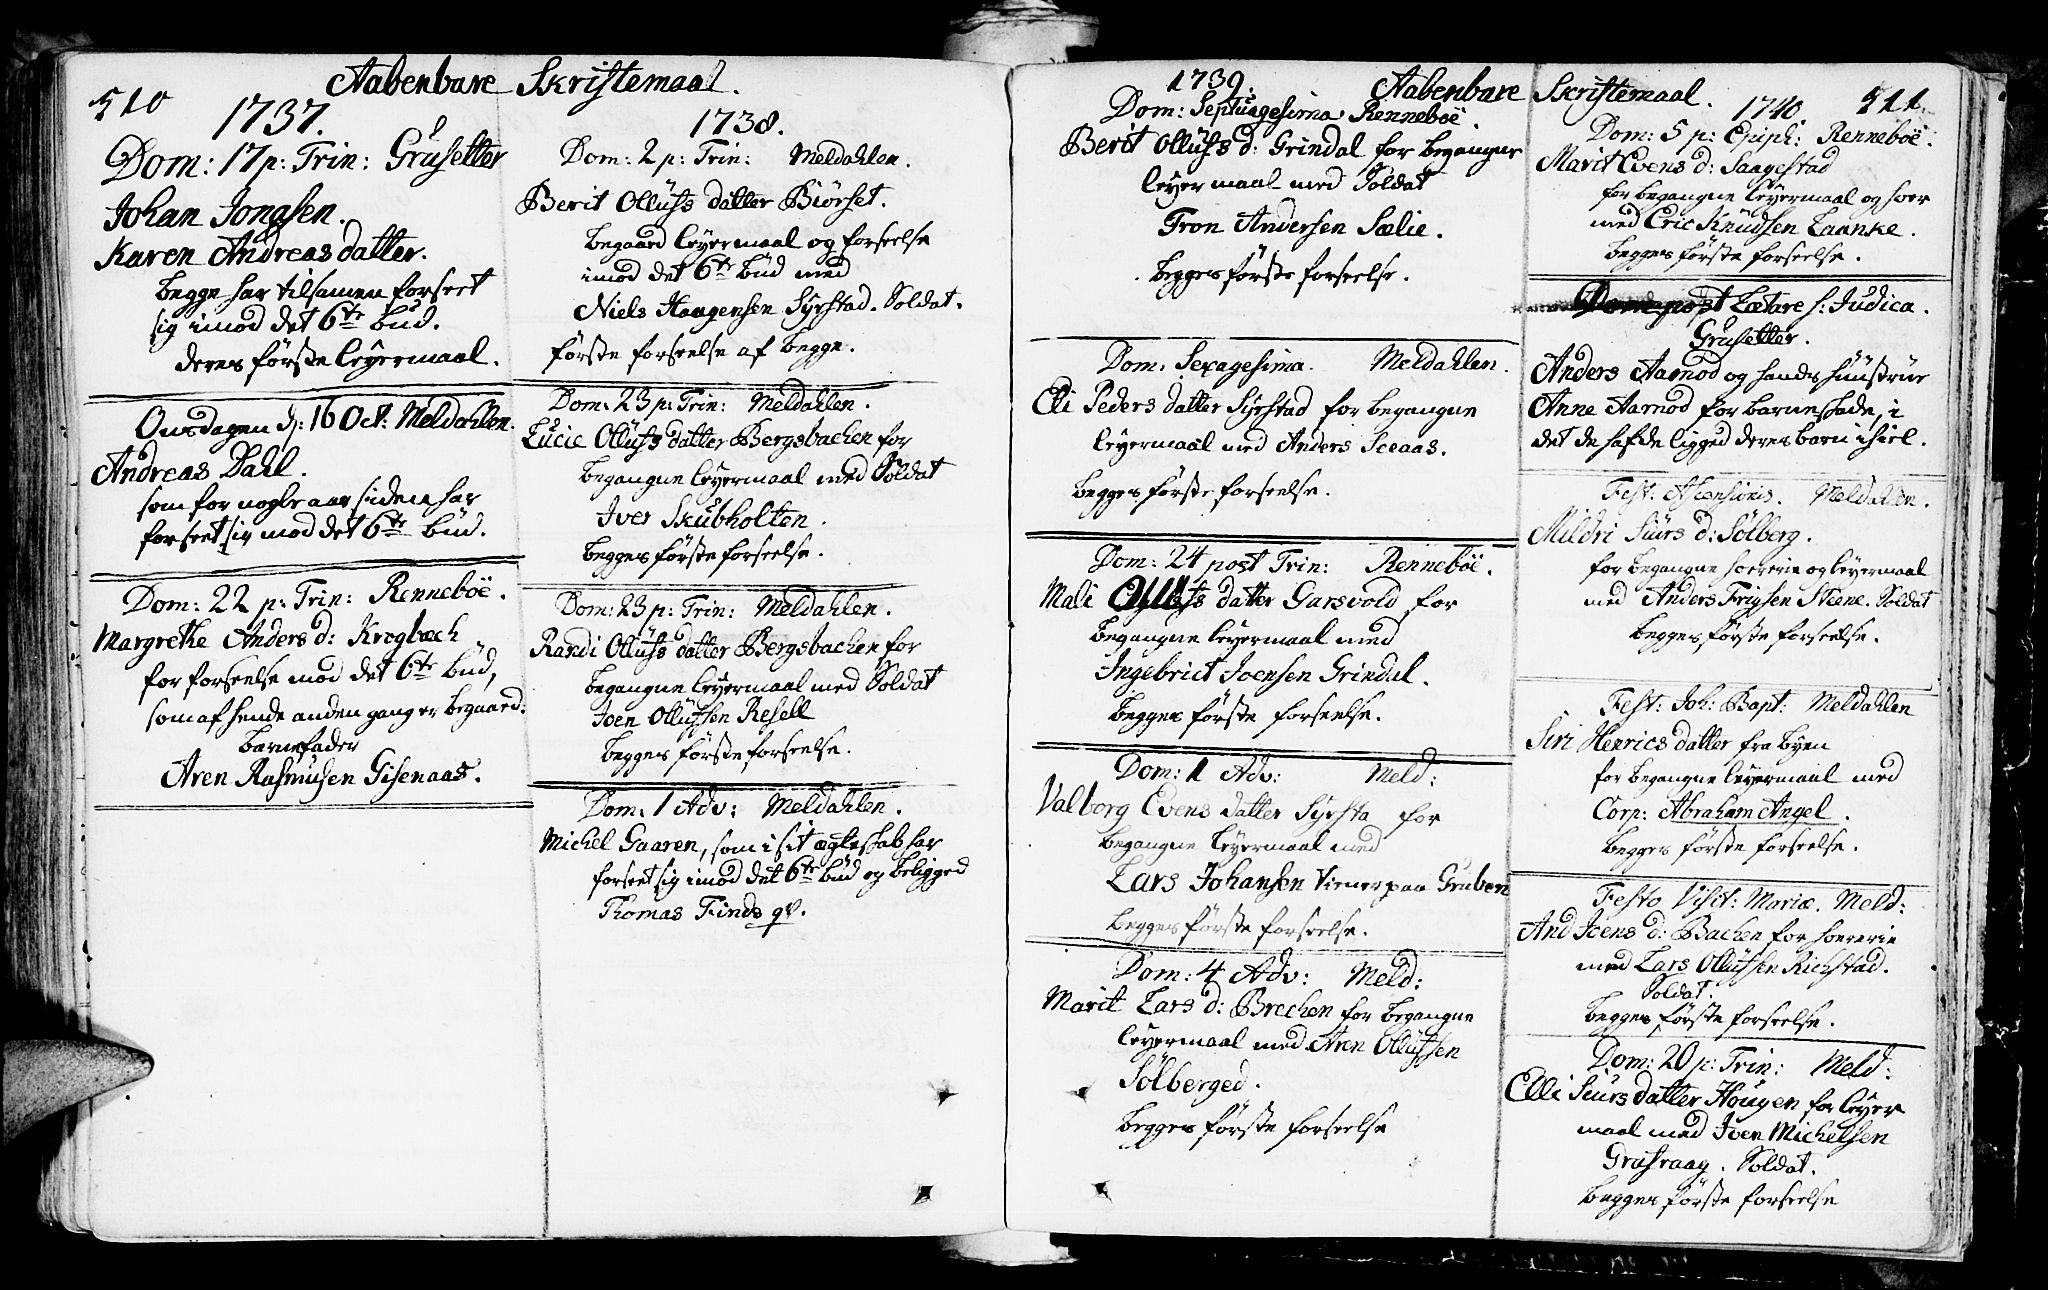 SAT, Ministerialprotokoller, klokkerbøker og fødselsregistre - Sør-Trøndelag, 672/L0850: Ministerialbok nr. 672A03, 1725-1751, s. 510-511